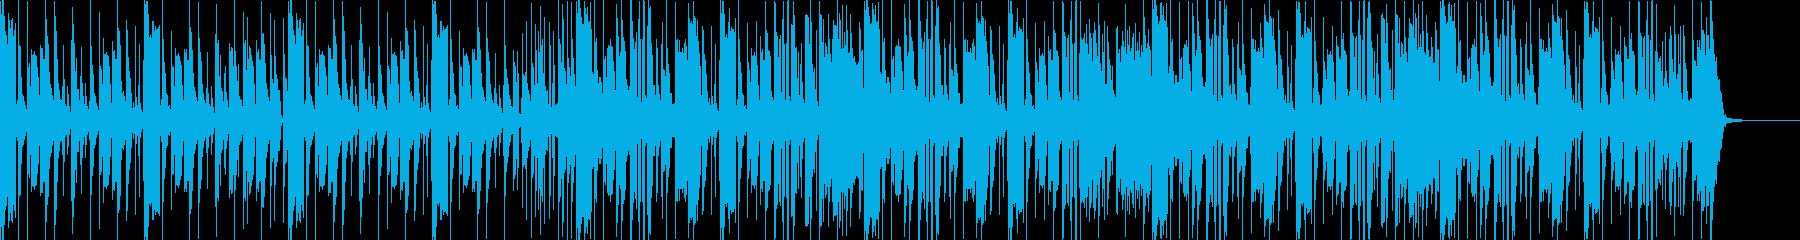 オールドスクールなヒップホップビートの再生済みの波形